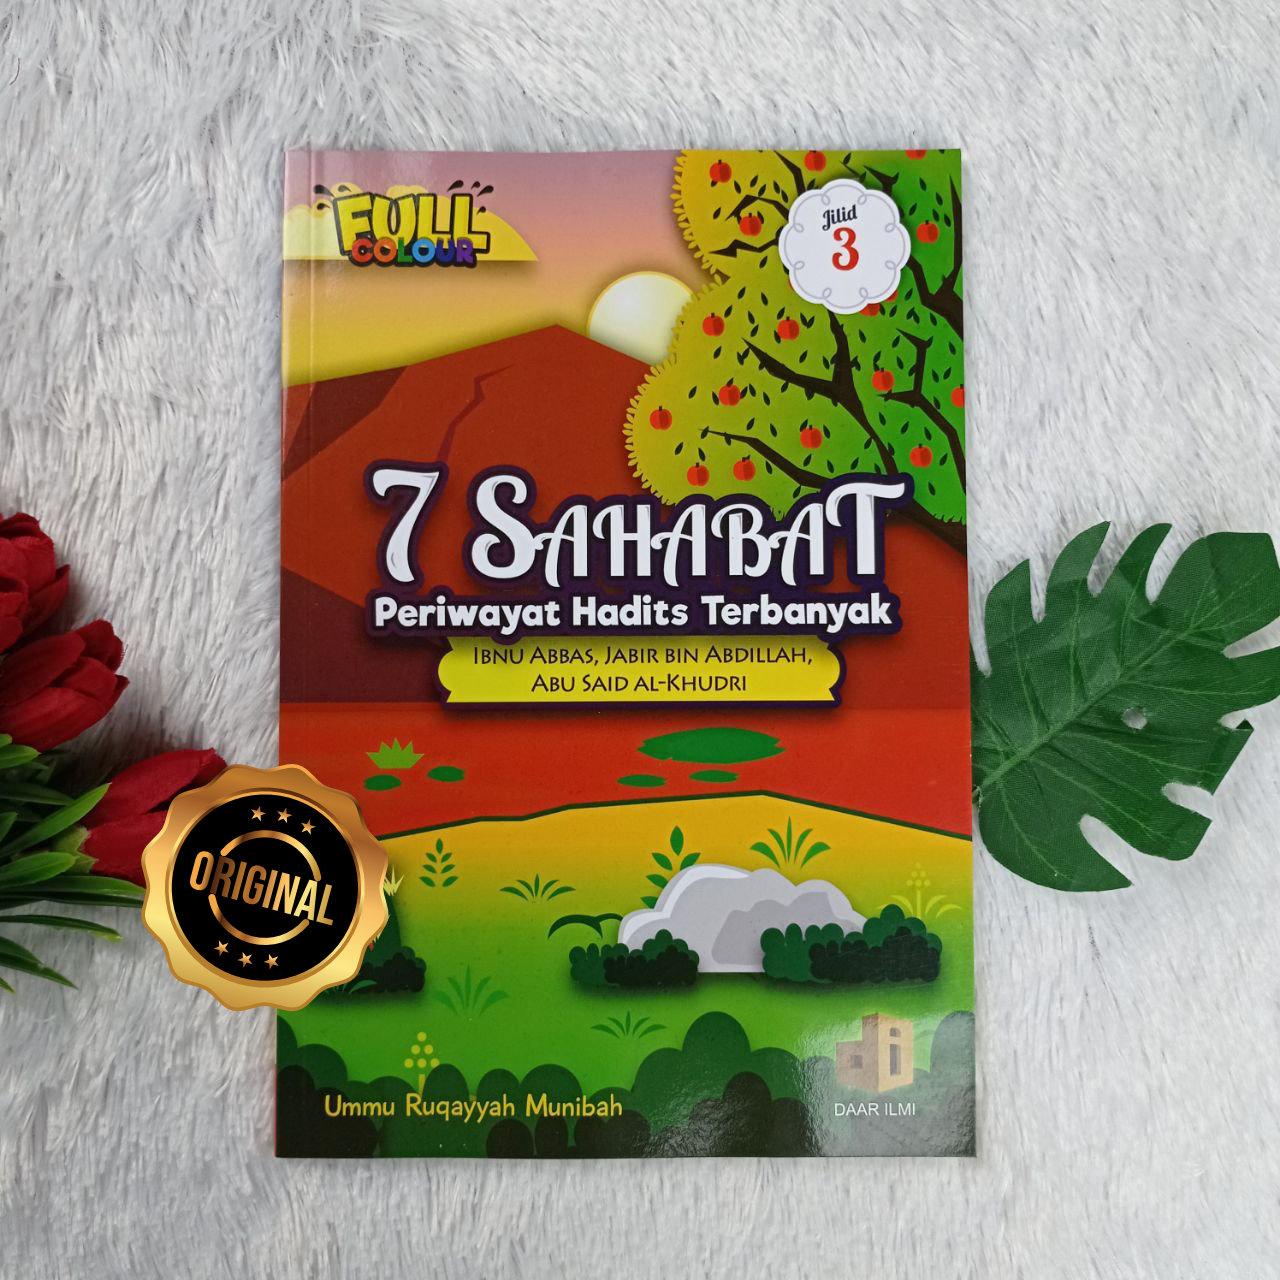 Buku 7 Sahabat Periwayat Hadits Terbanyak Jilid 3